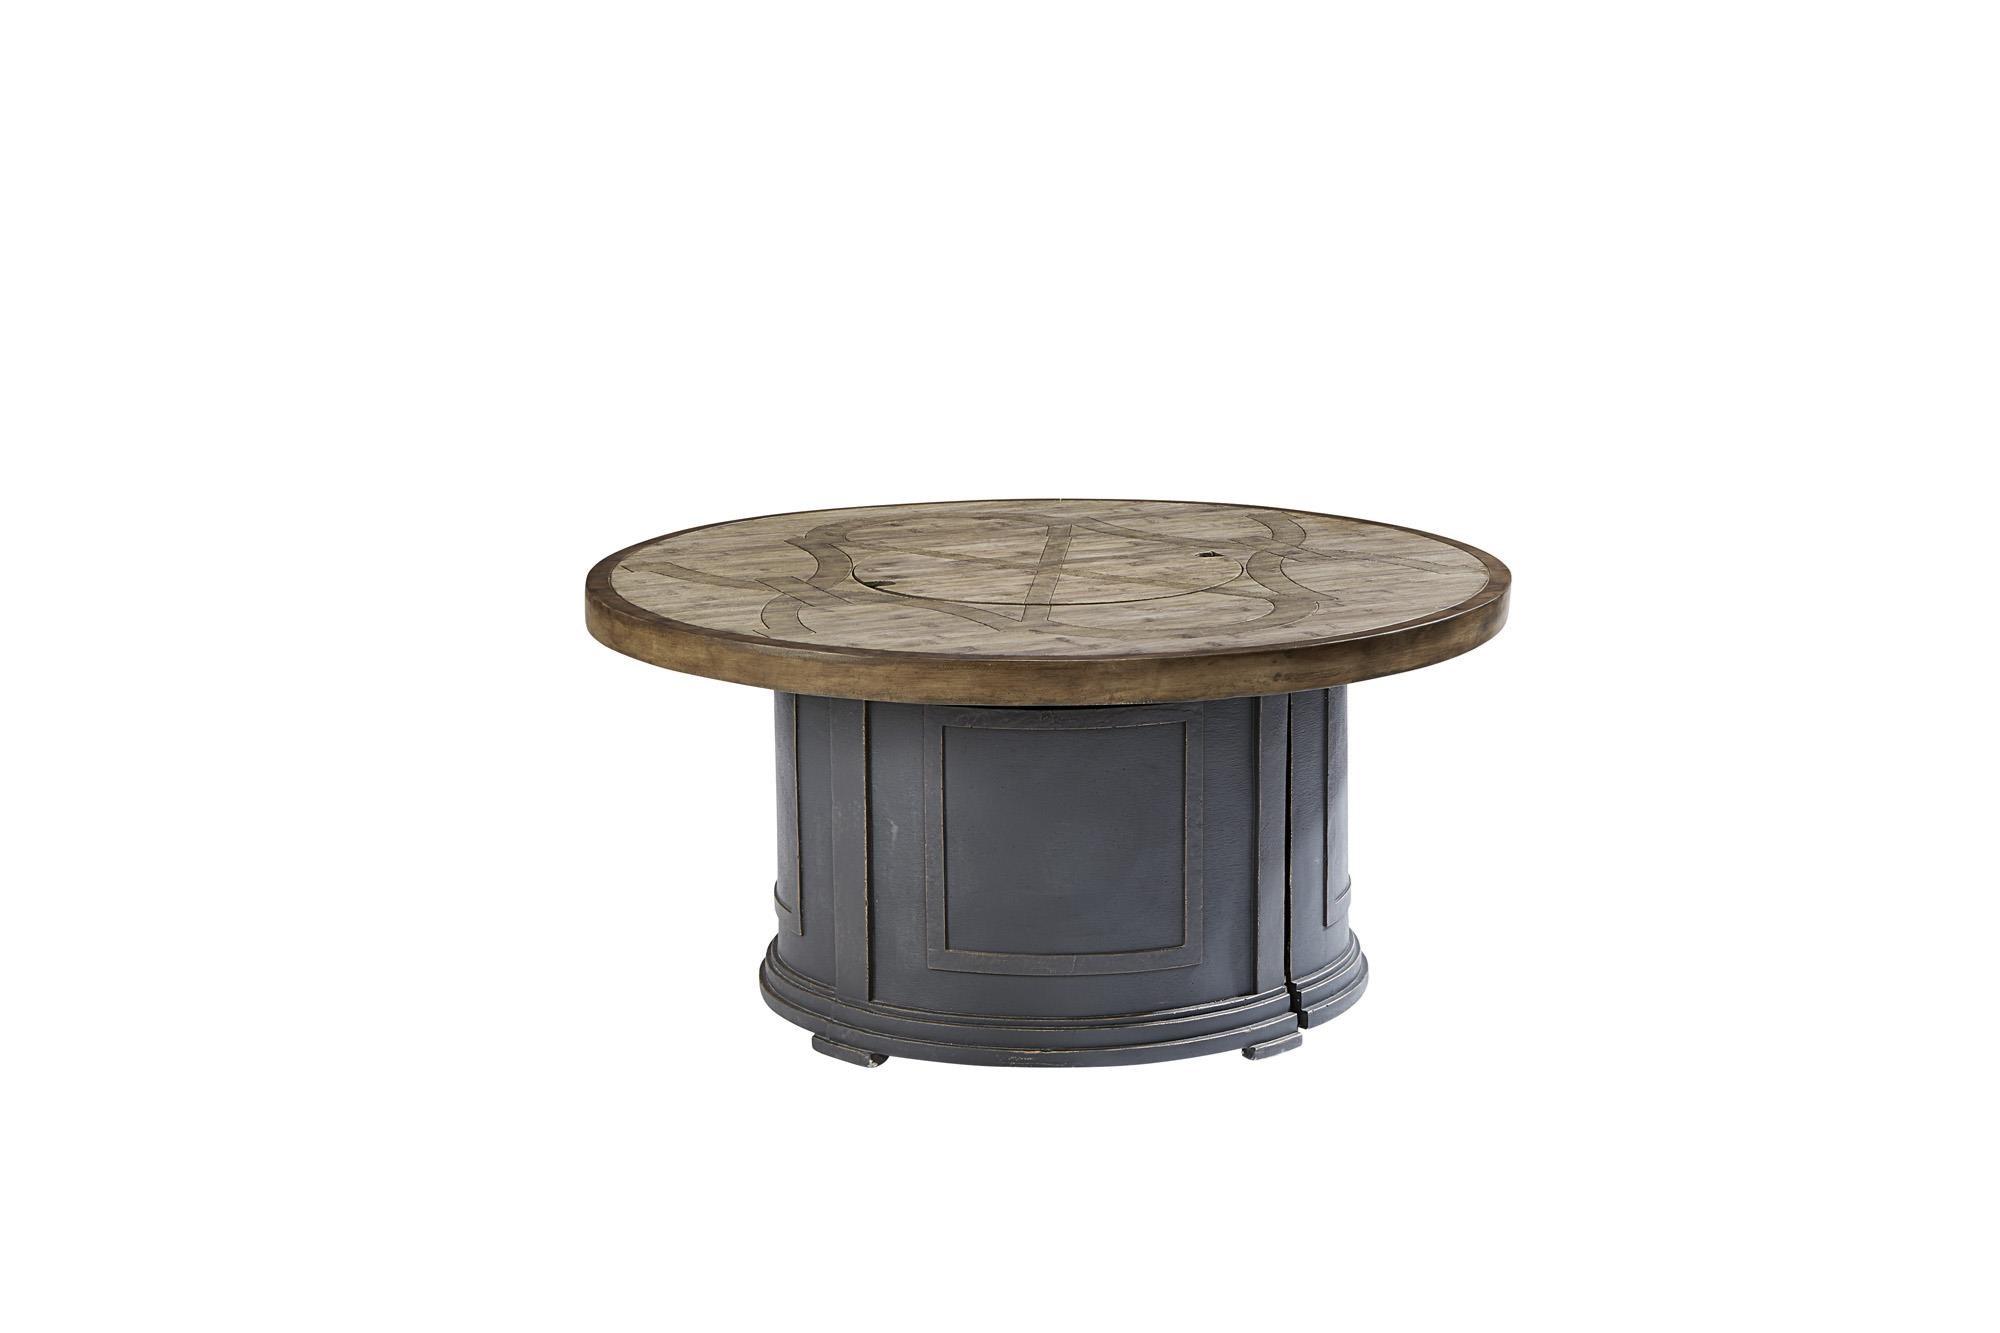 A.R.T. Furniture Inc 918-MORRISSEY Firepit - Item Number: 918460-4243